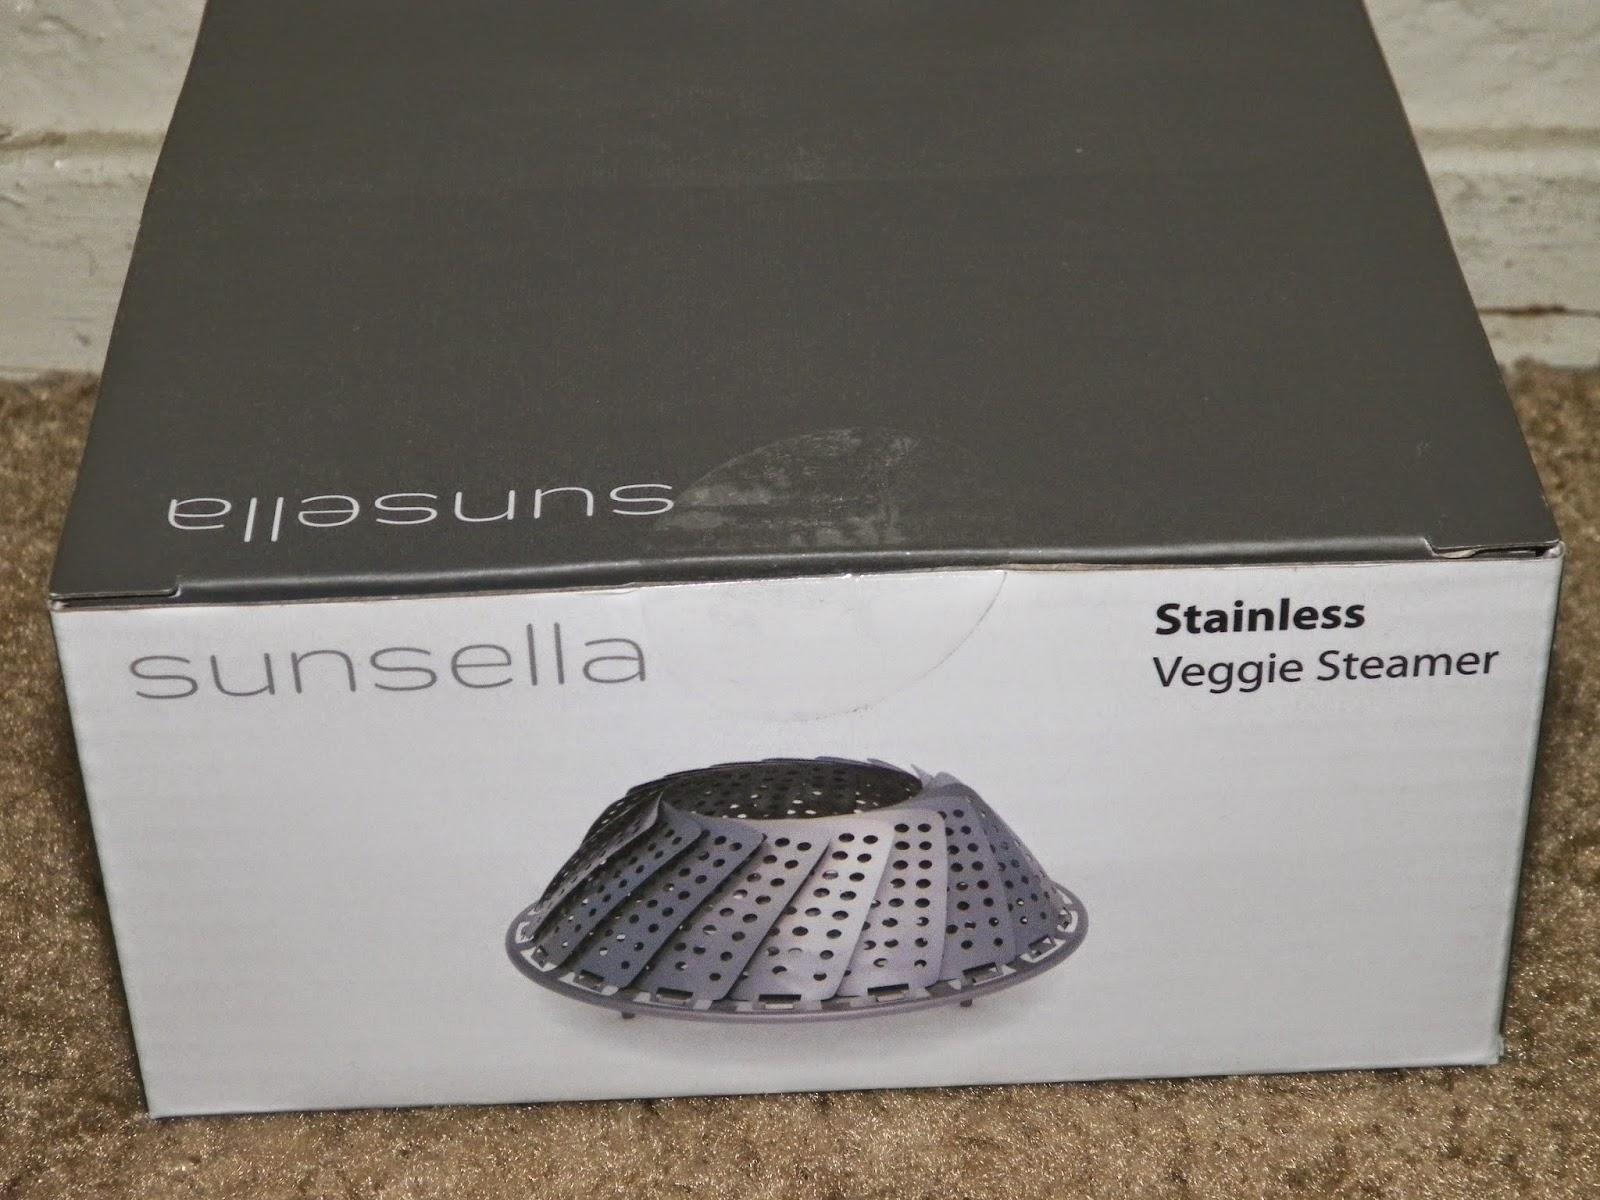 Sunsella_Stainless_Veggie_Steamer.jpg